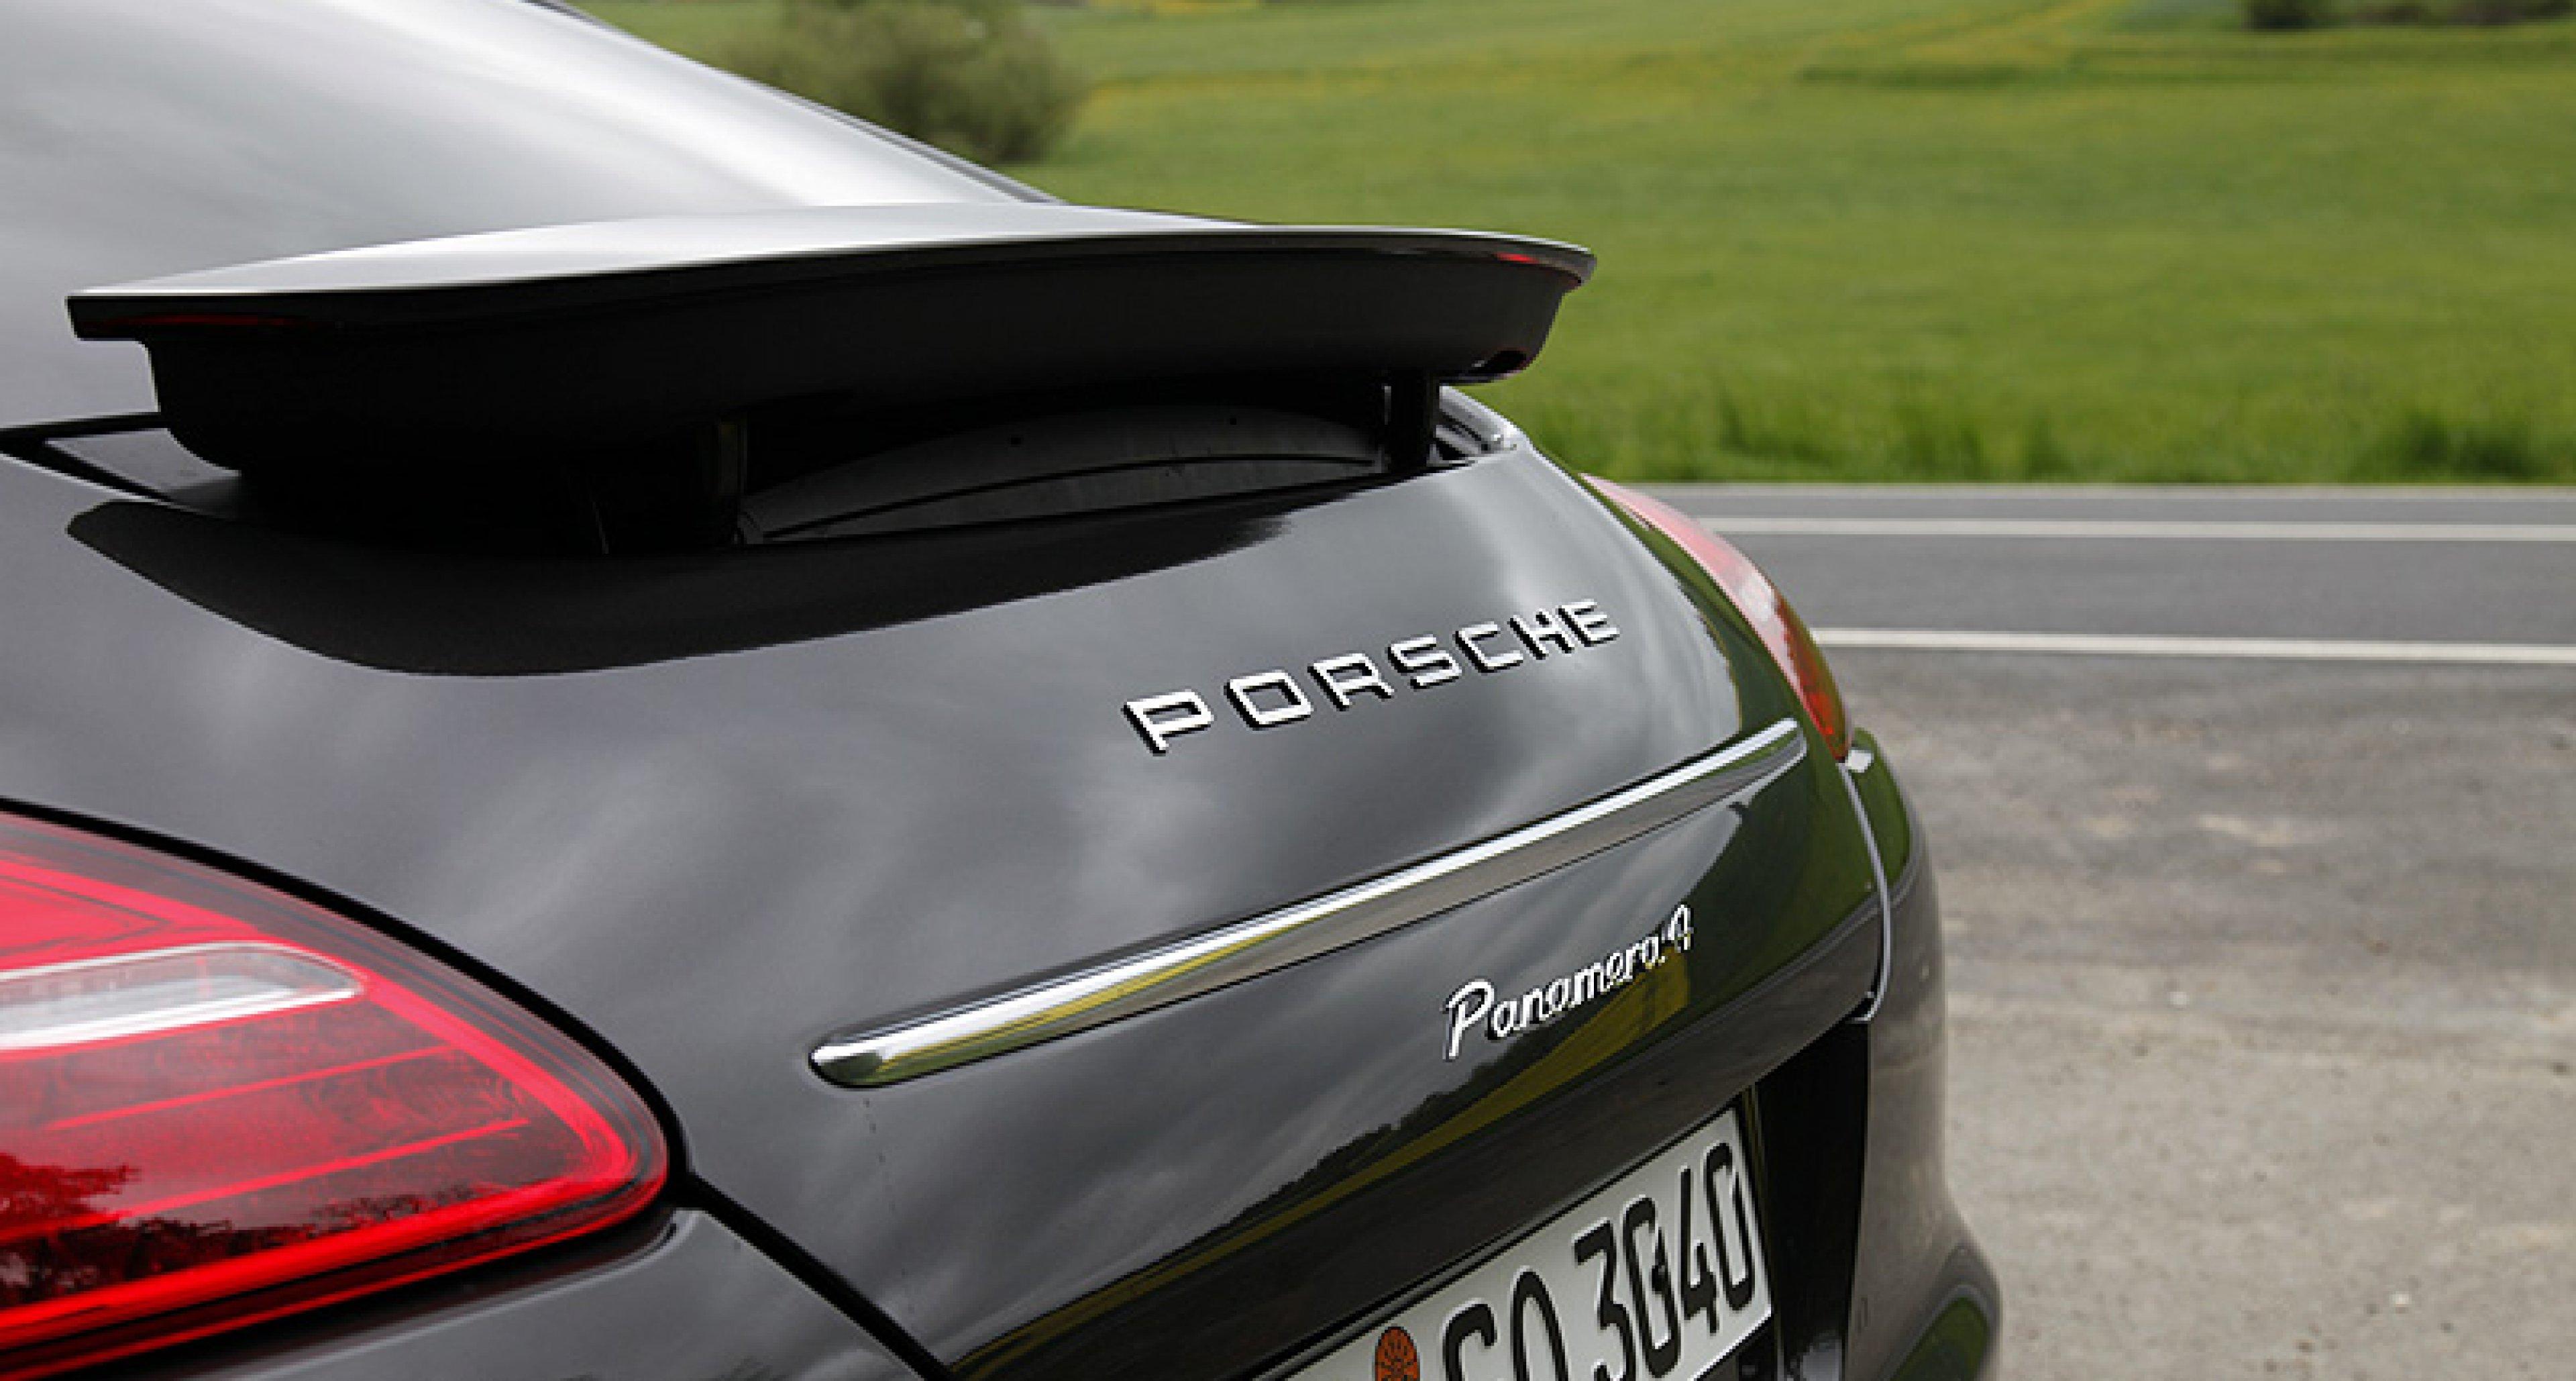 Porsche Panamera V6: Small Turismo